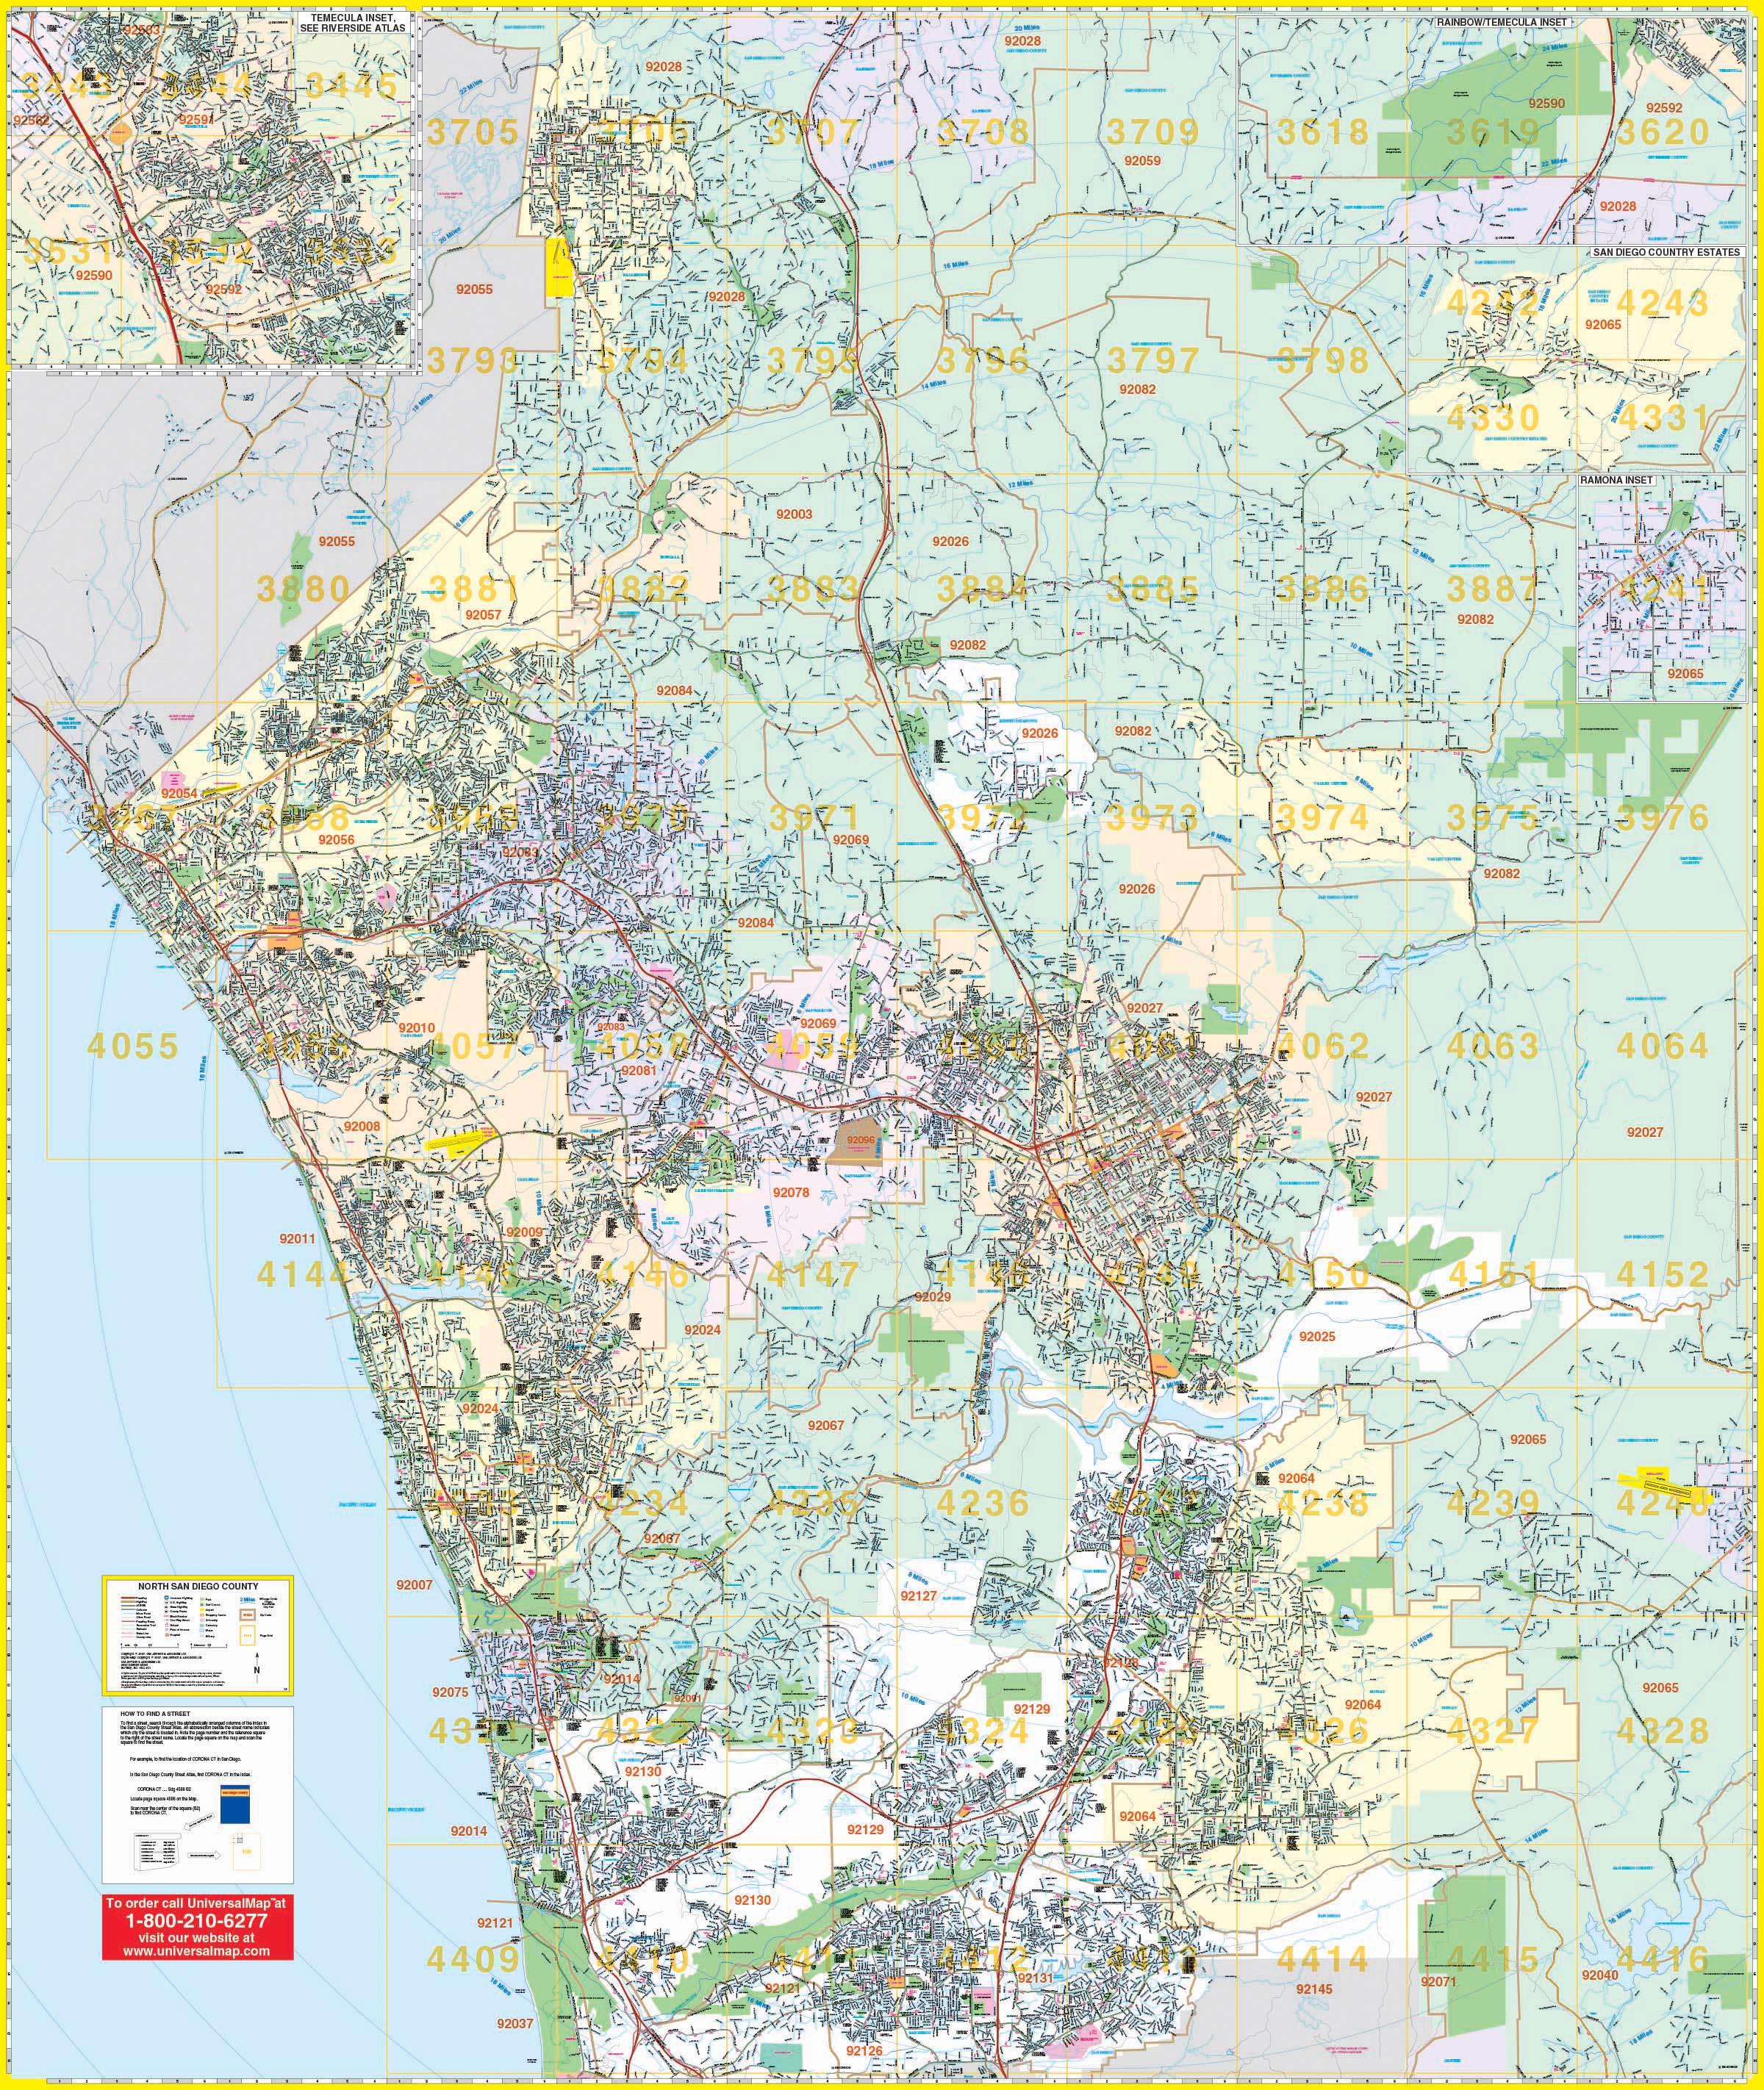 San Diego, Ca North Wall Map – Kappa Map Group - Laminated California Wall Map